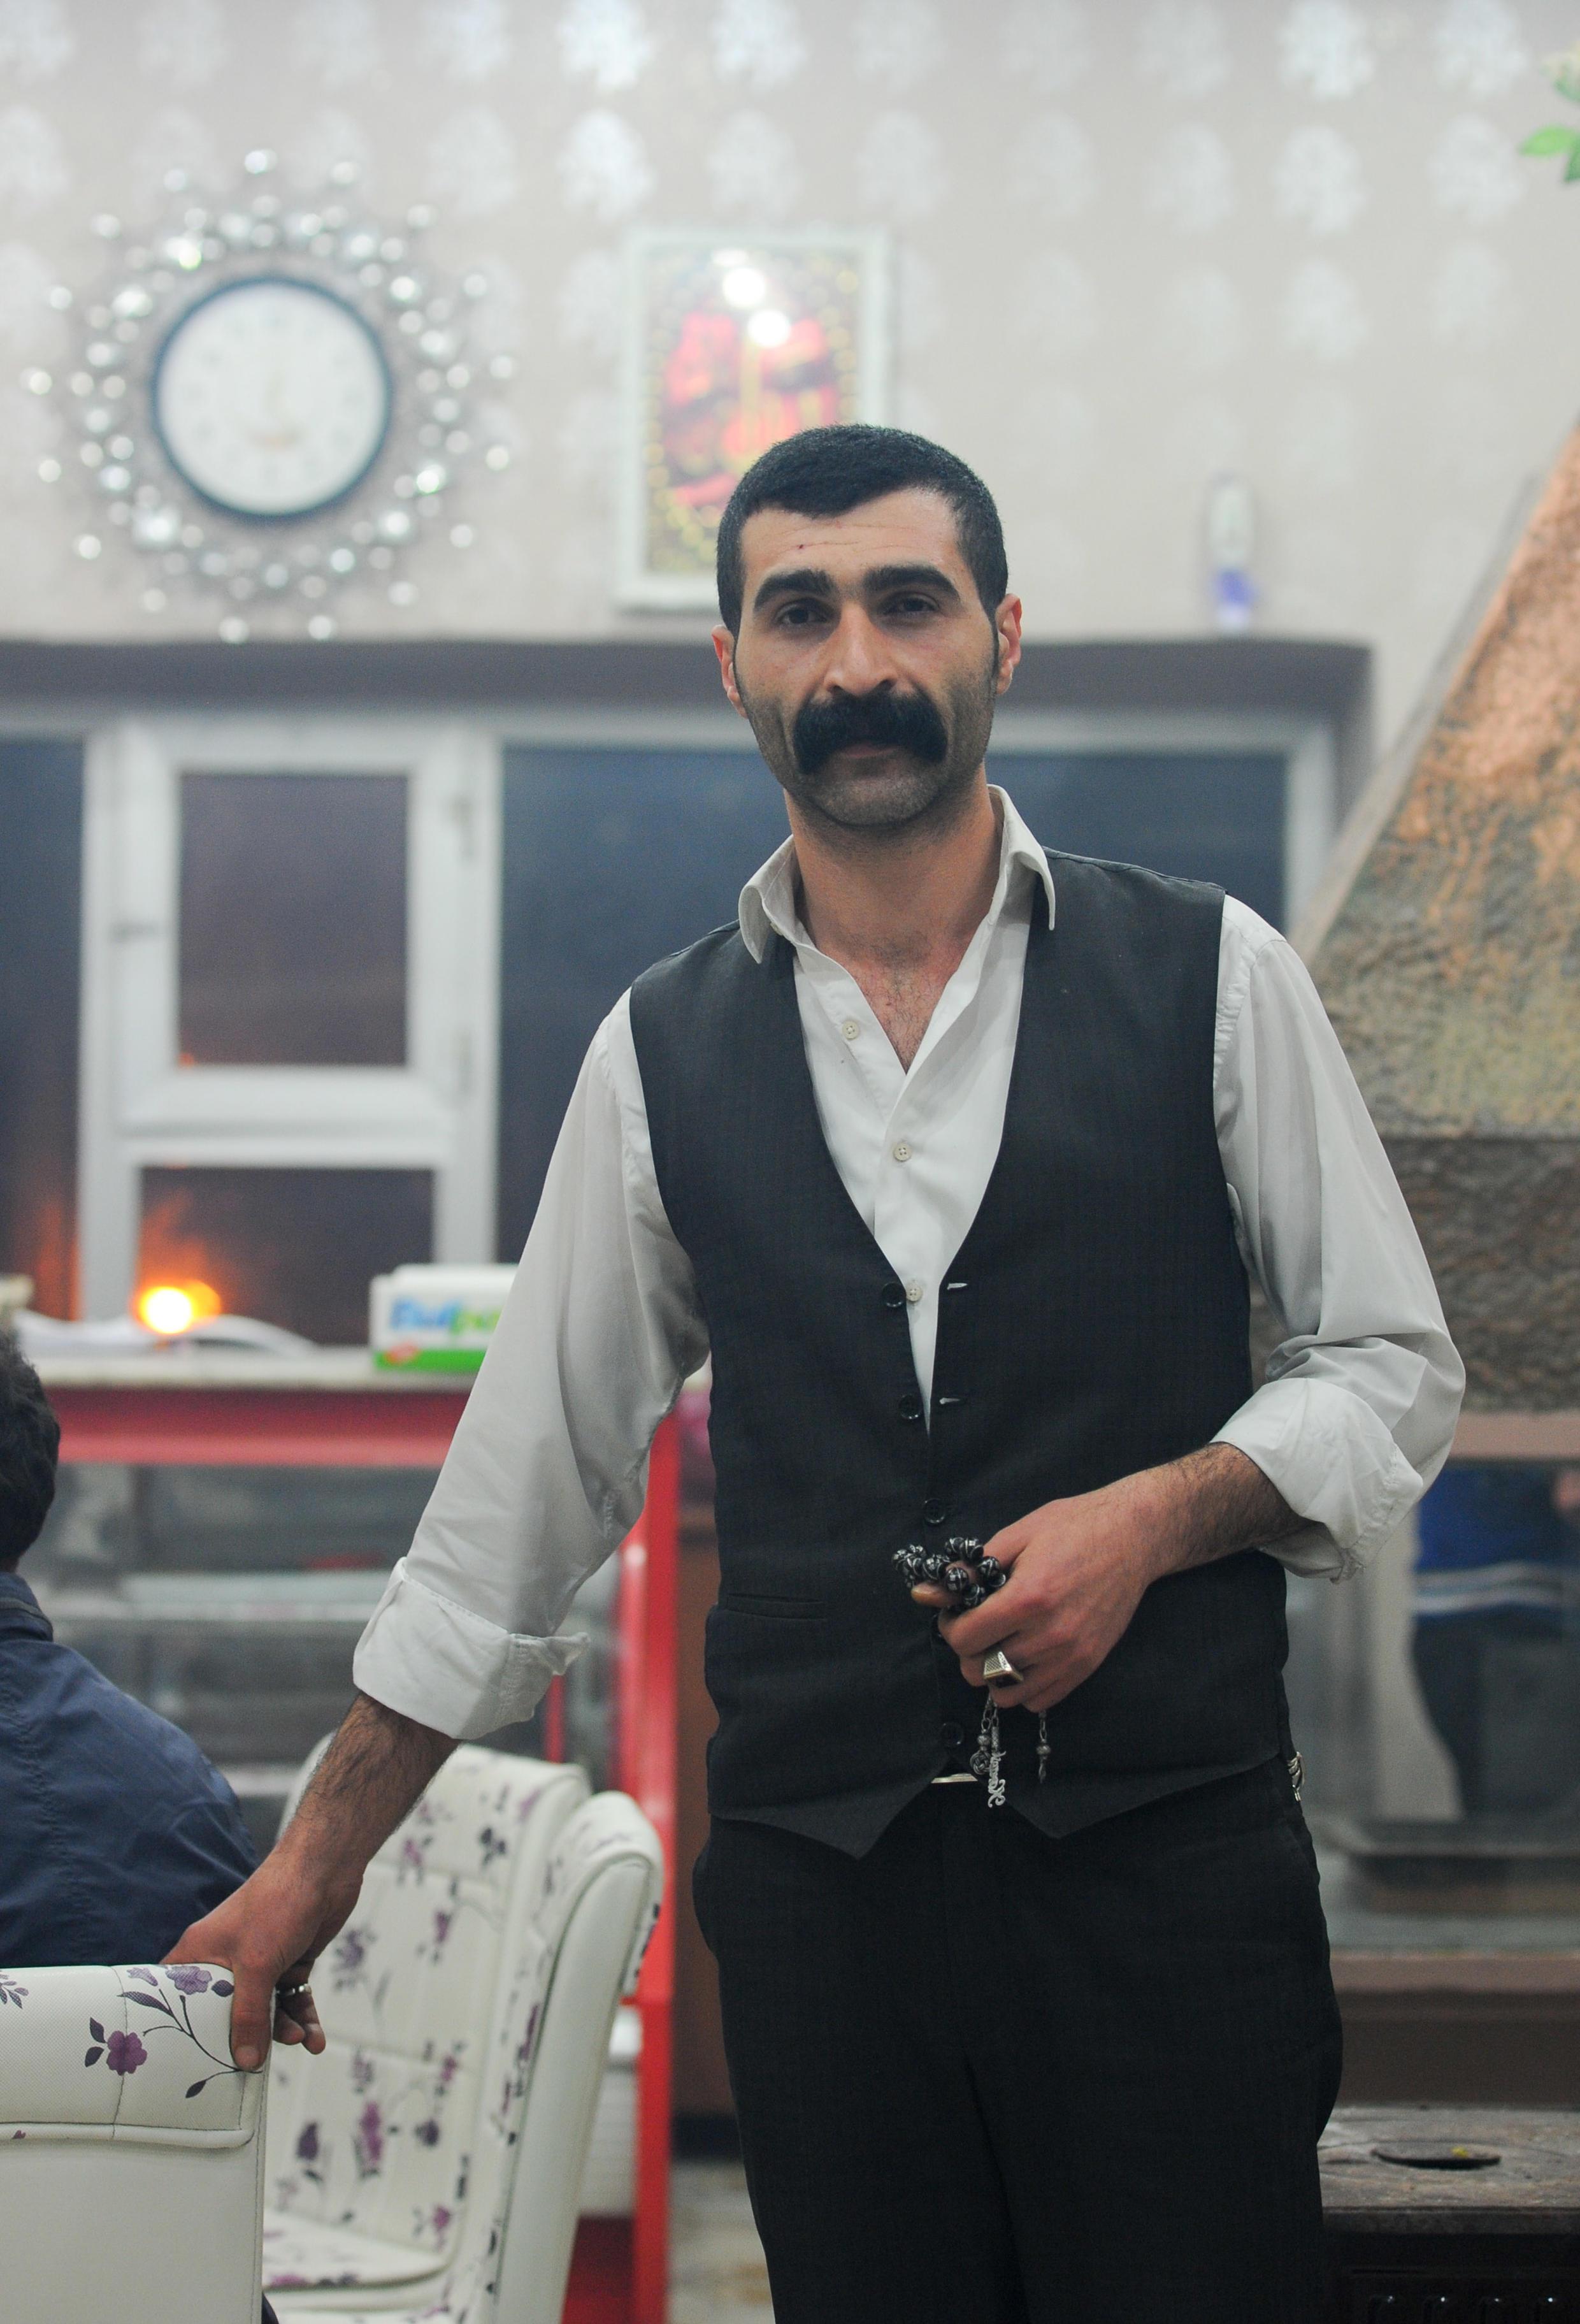 27-летний Мурад Газнедар называет себя искателем подземных культур. Битлис. Турция. 30 марта 2015 год